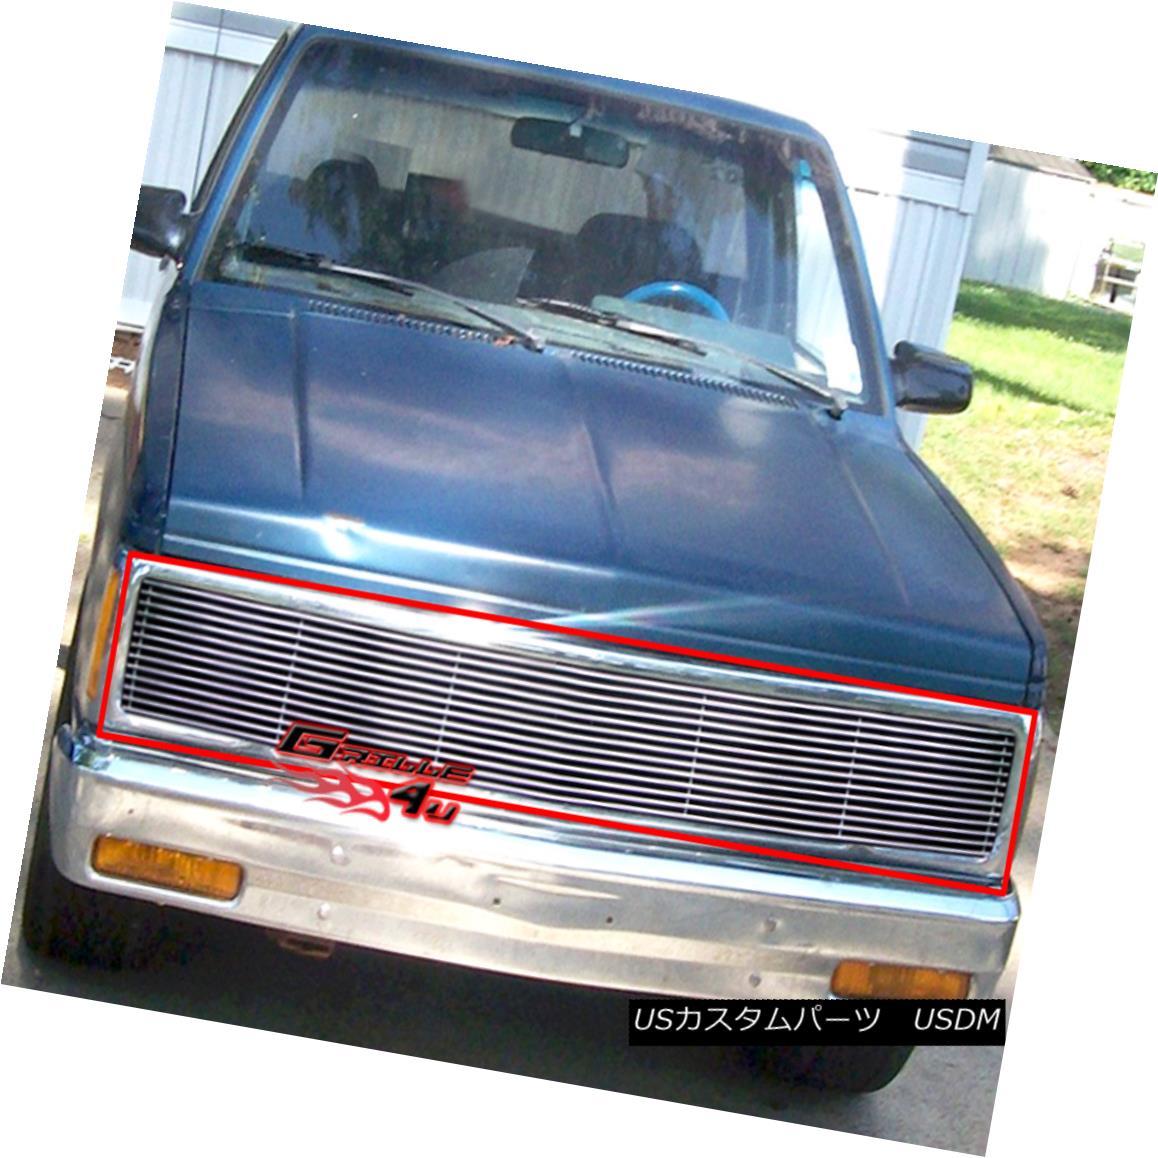 グリル Fits 1991-1993 Chevy S10/Blazer 1991-1994 Jimmy Phantom Billet Grill 適合1991-1993 Chevy S10 / Blazer 1991-1994ジミーファントムビレットグリル